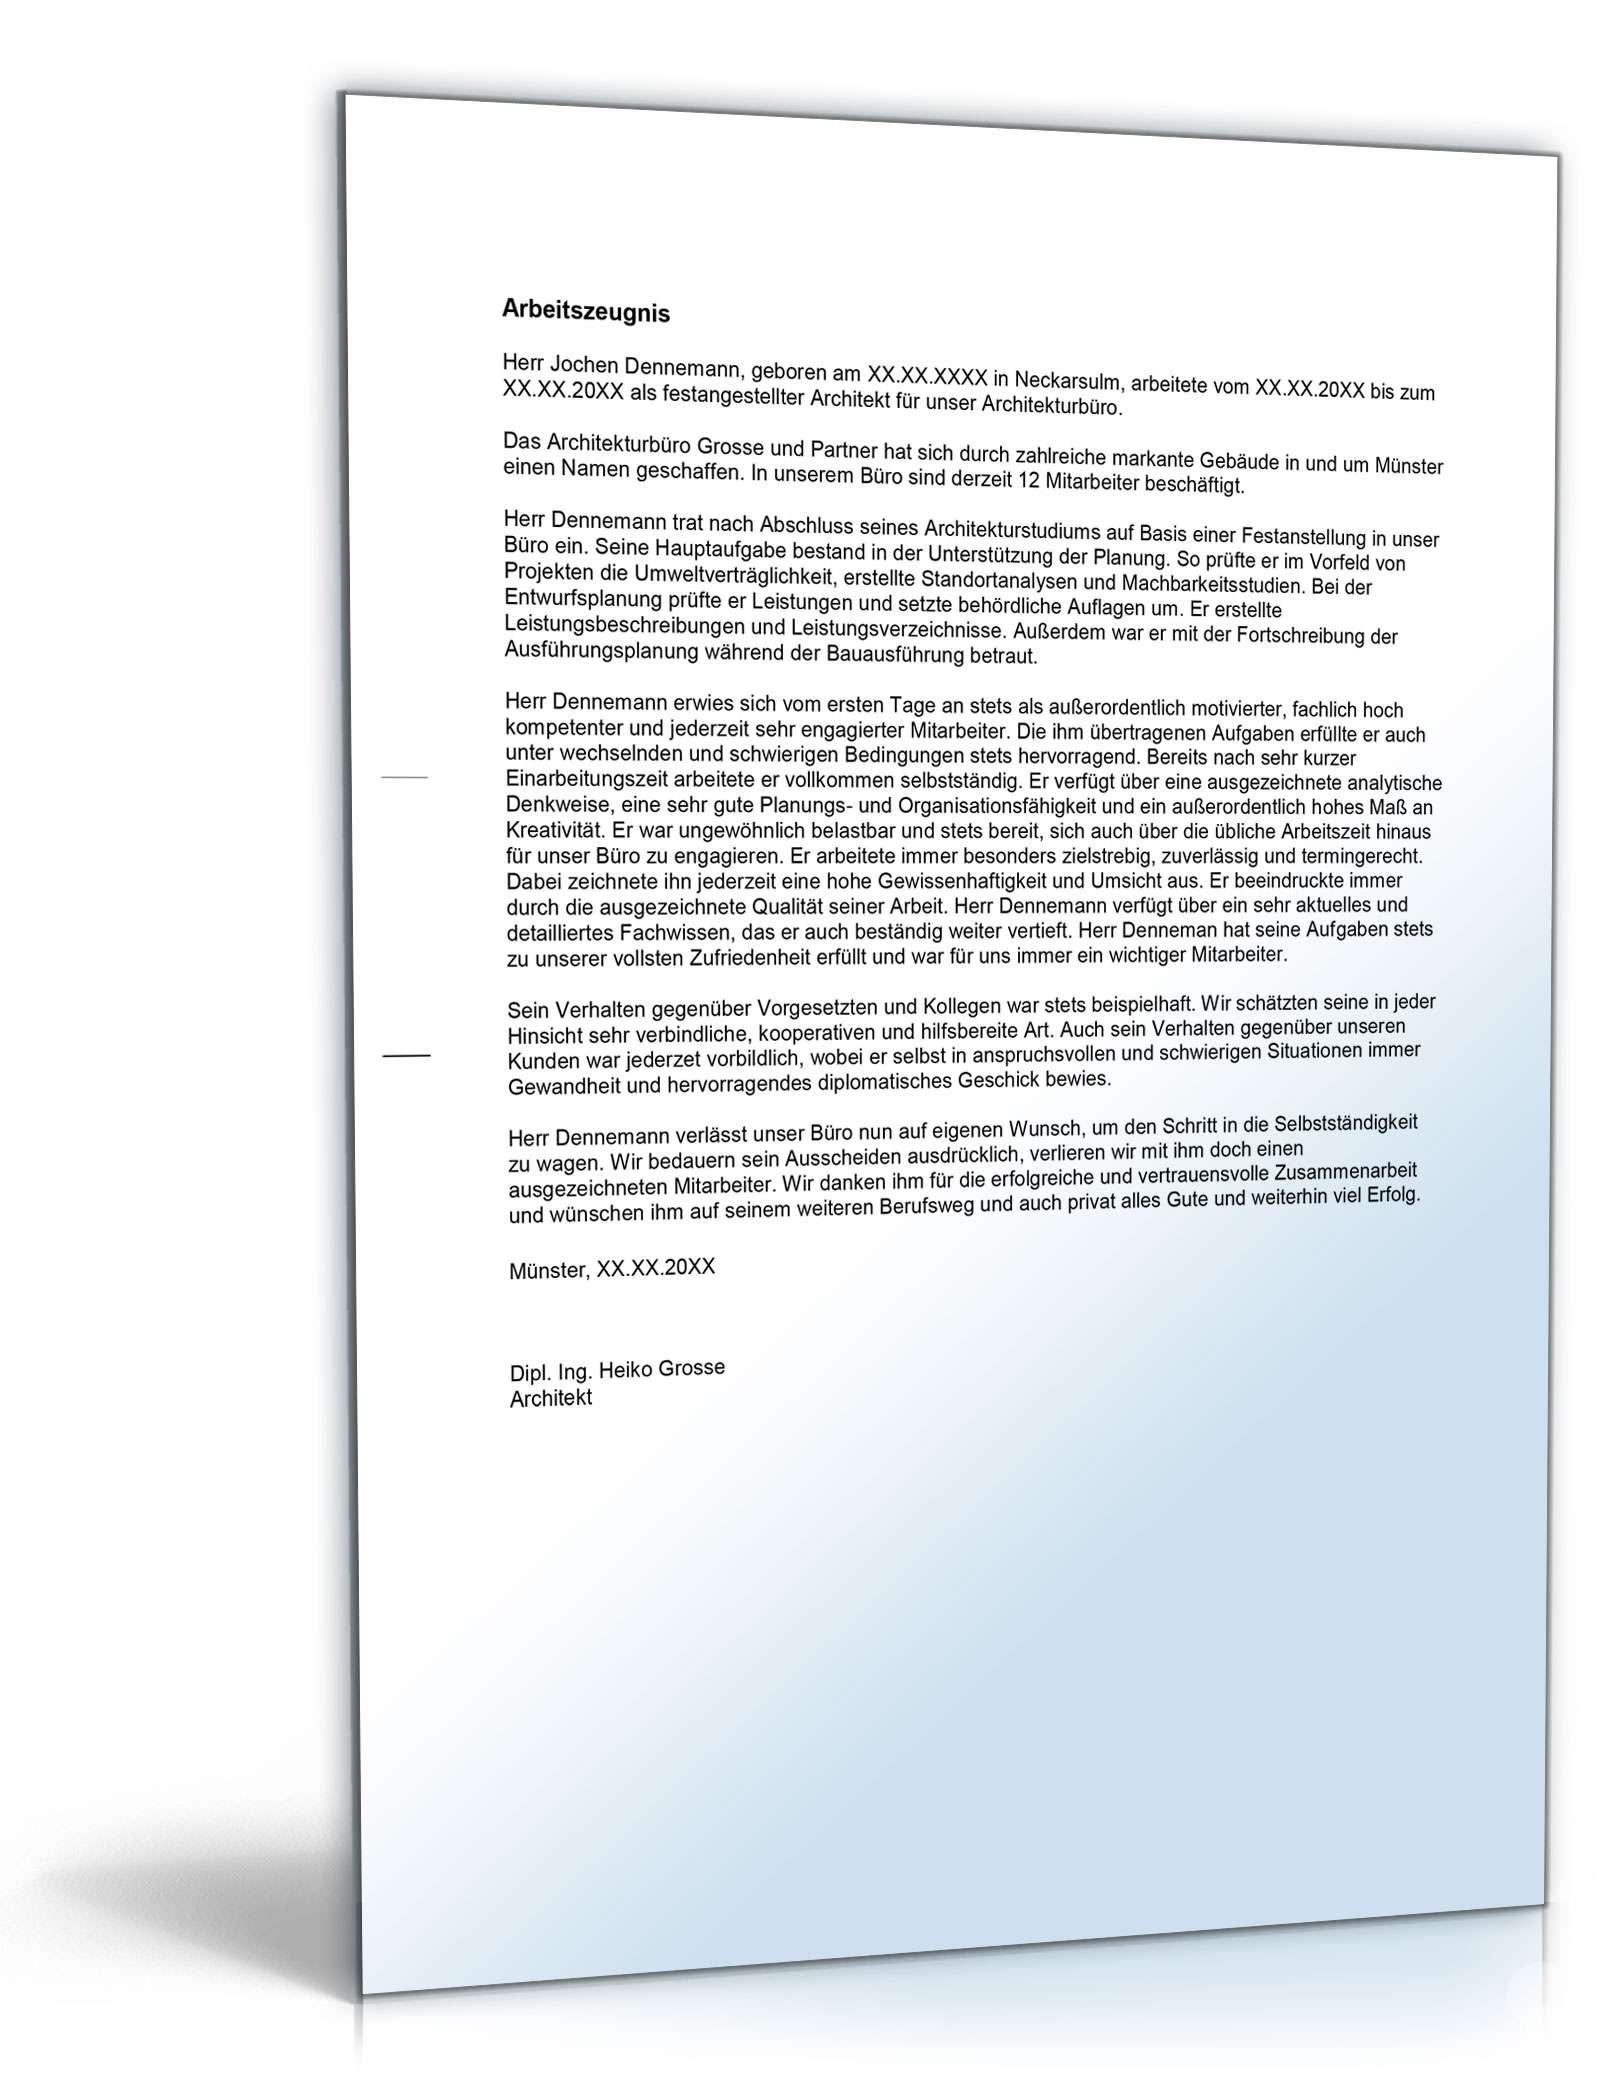 Arbeitszeugnis Architekt: Rechtssichere Muster zum Download